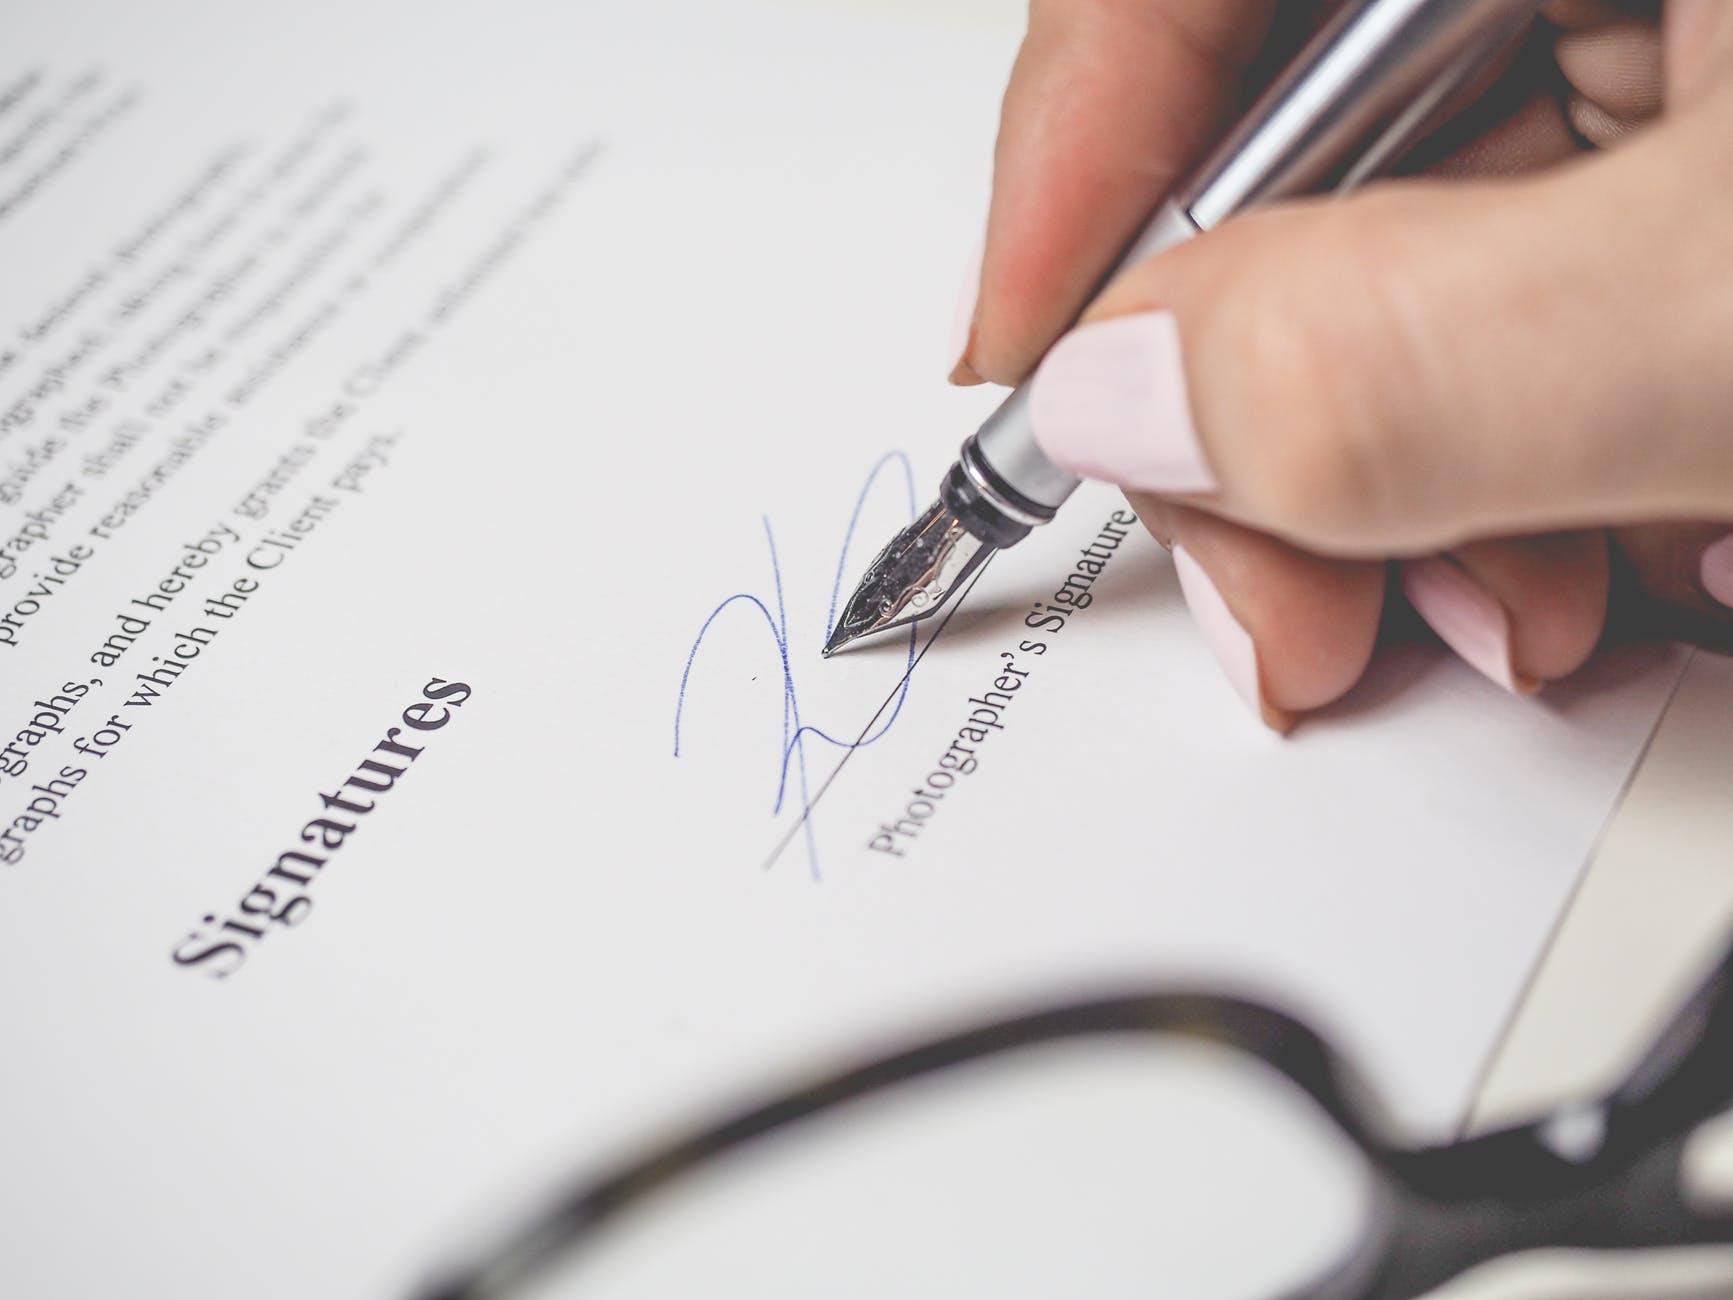 Dedovanje - svetovanje odvetnika